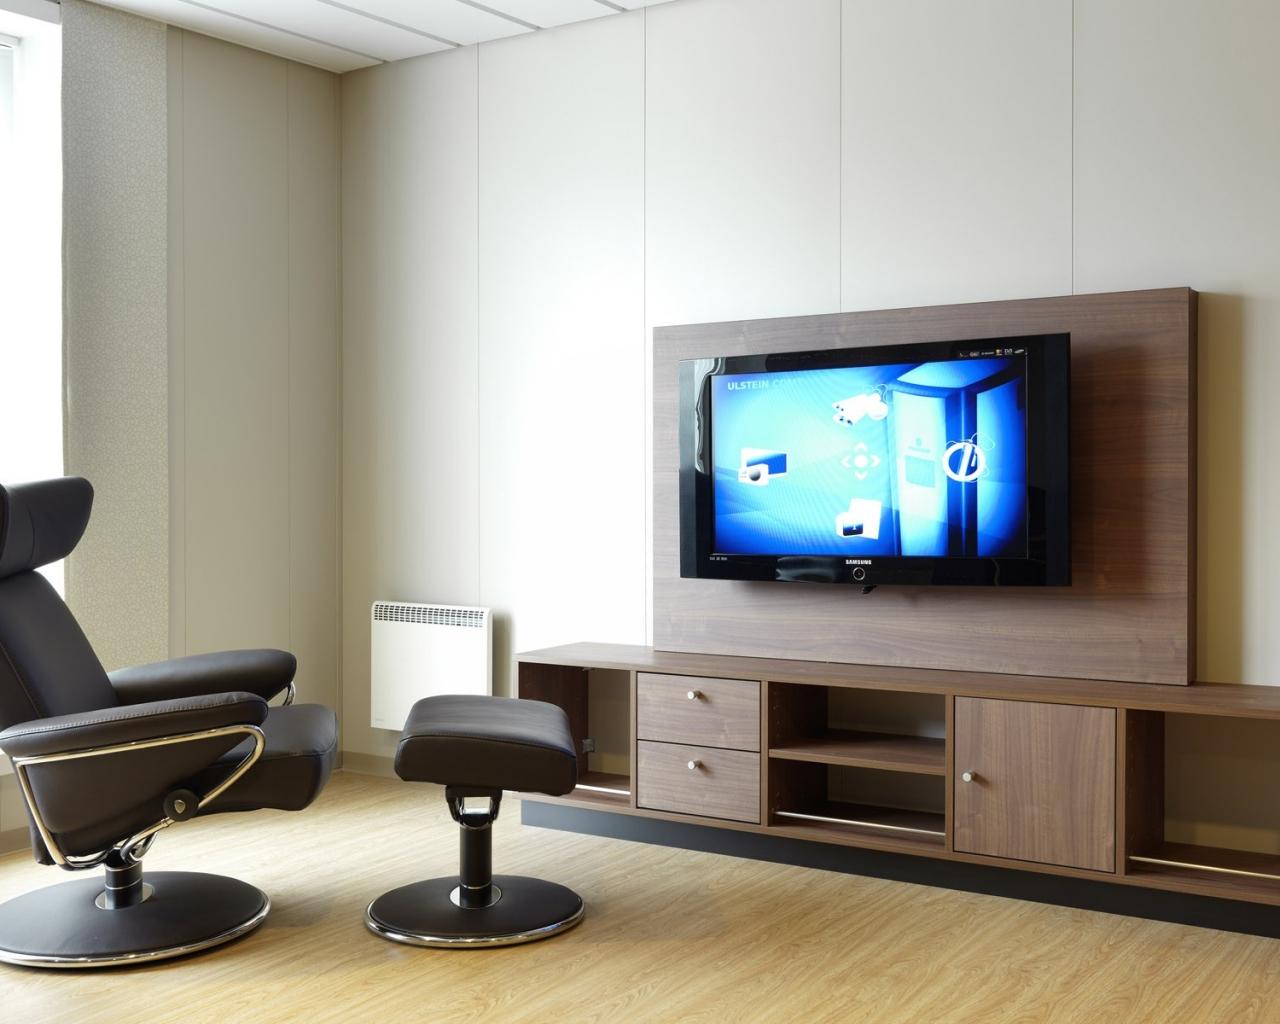 Diseño de sala de Televisión - 1280x1024